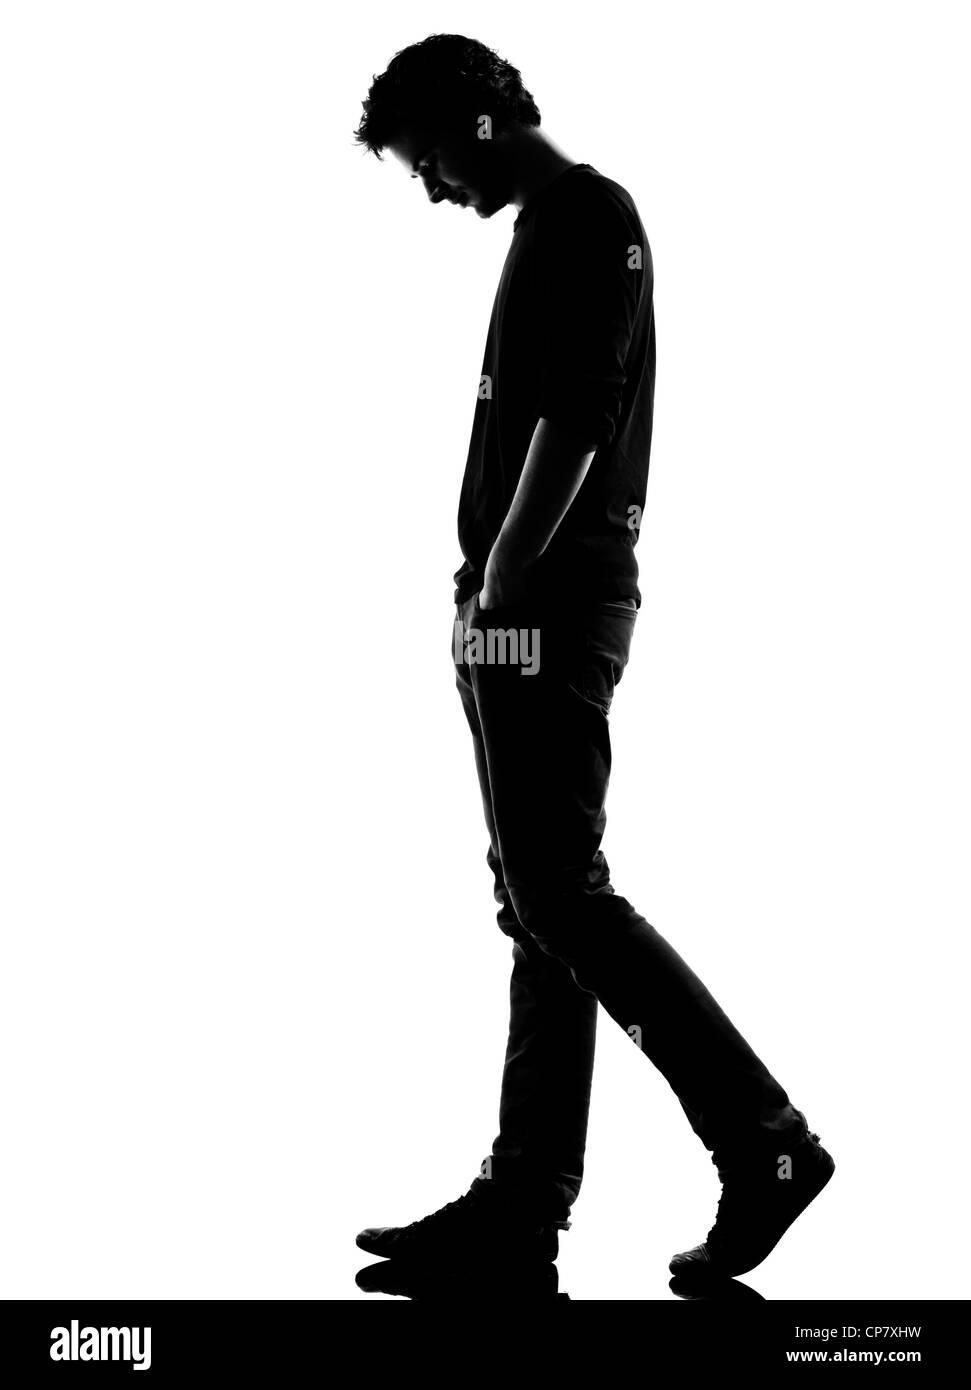 Silhouette Man Walking White Background Stock Photos ...   971 x 1390 jpeg 58kB